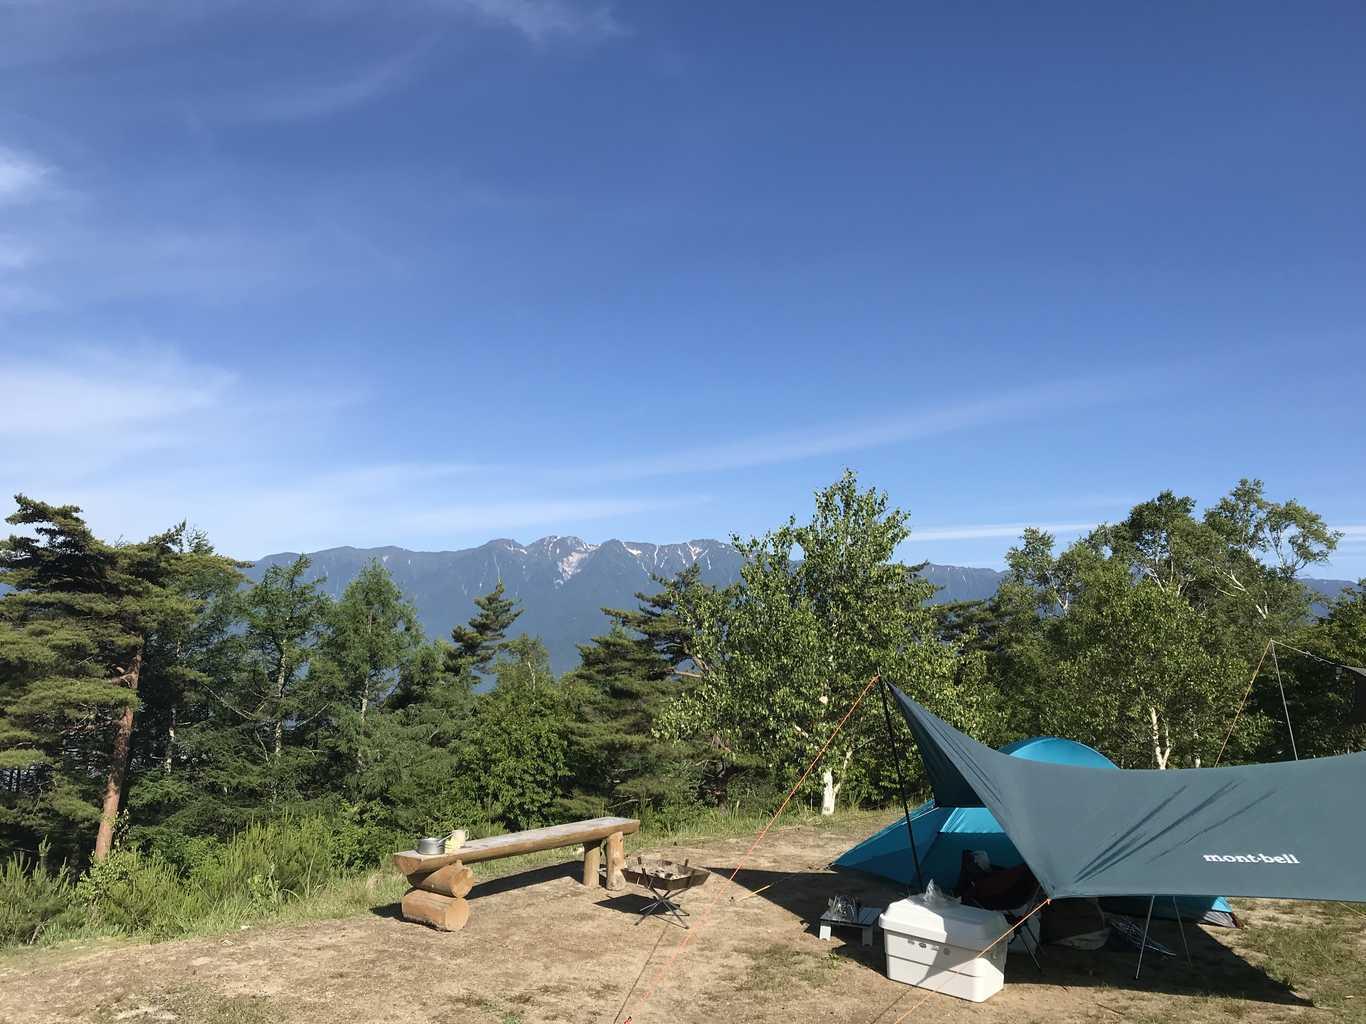 陣馬形キャンプ場 の写真p